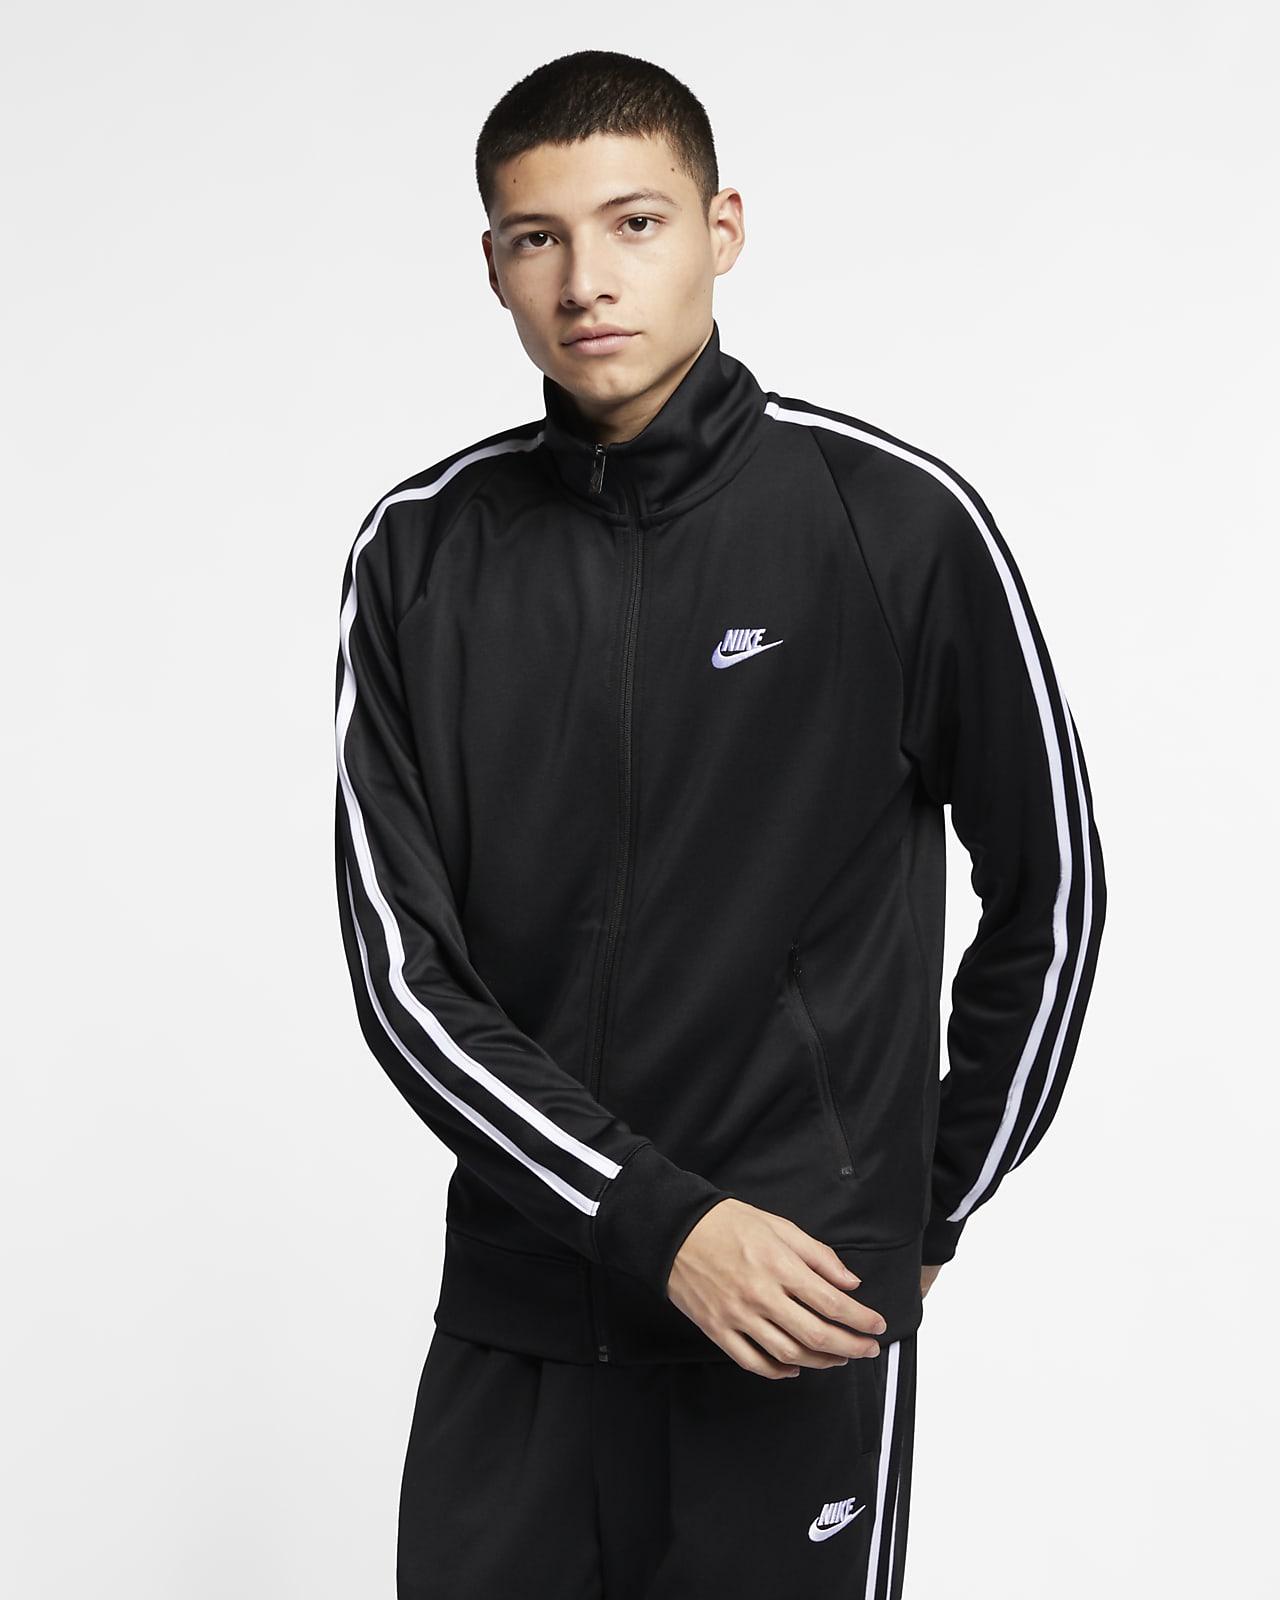 Nike Sportswear N98 Men's Knit Warm-Up